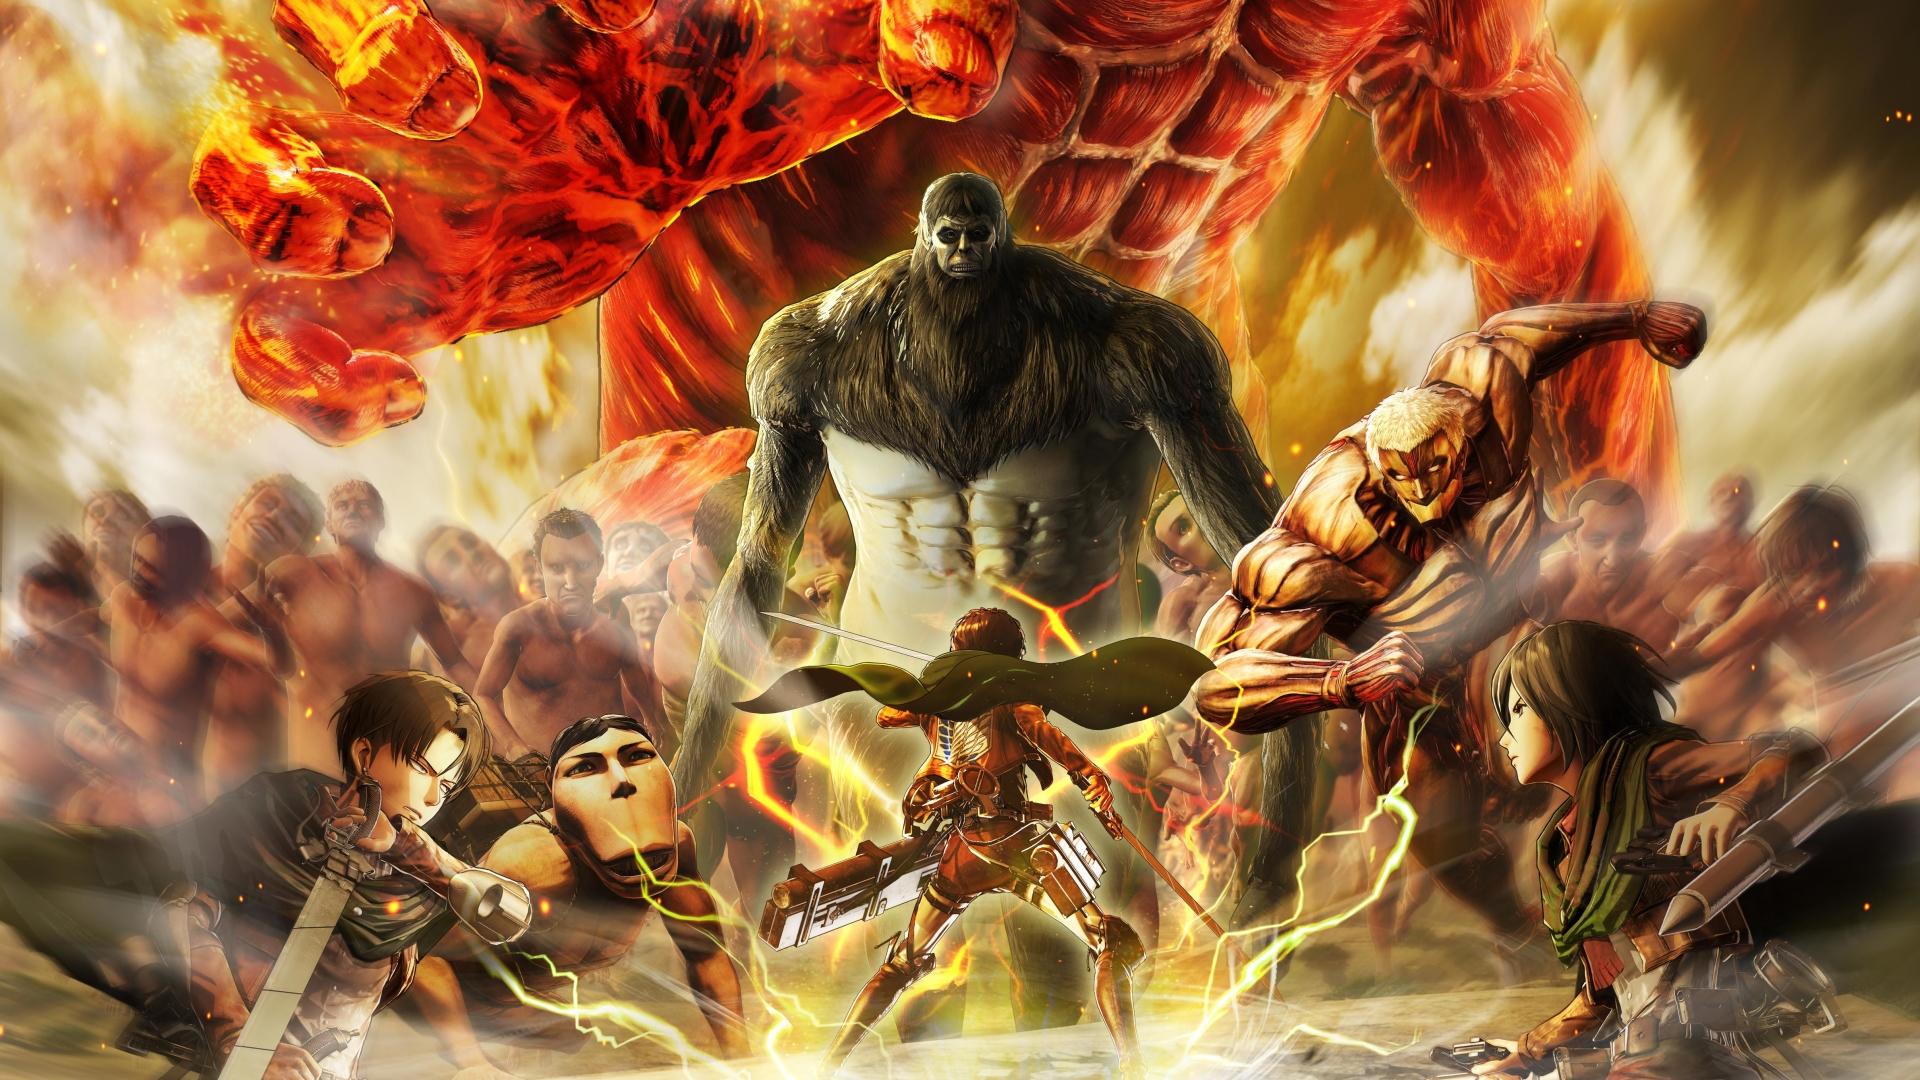 Berserker Titan Wallpapers Posted By John Peltier